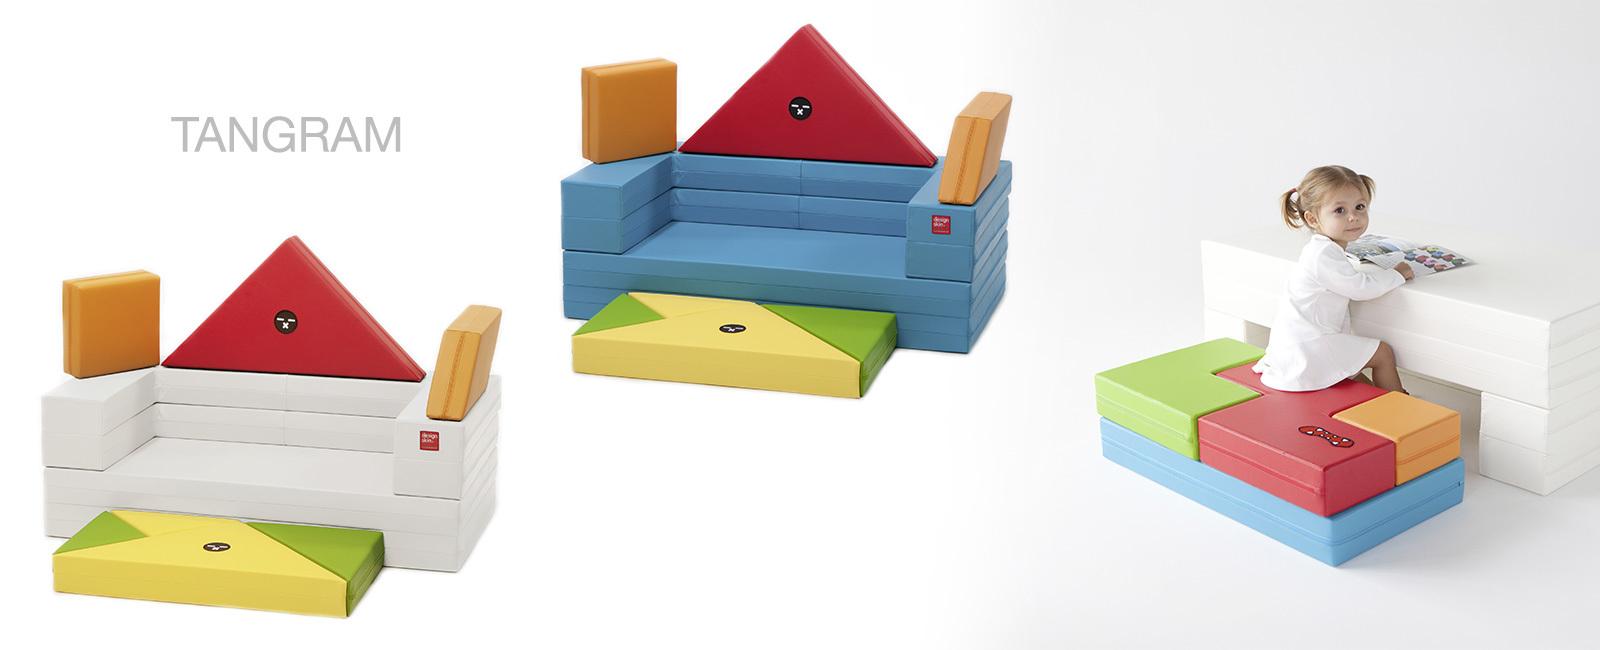 Qids - DESIGNSKIN Sofa ludique TANGRAM ou TETRIS